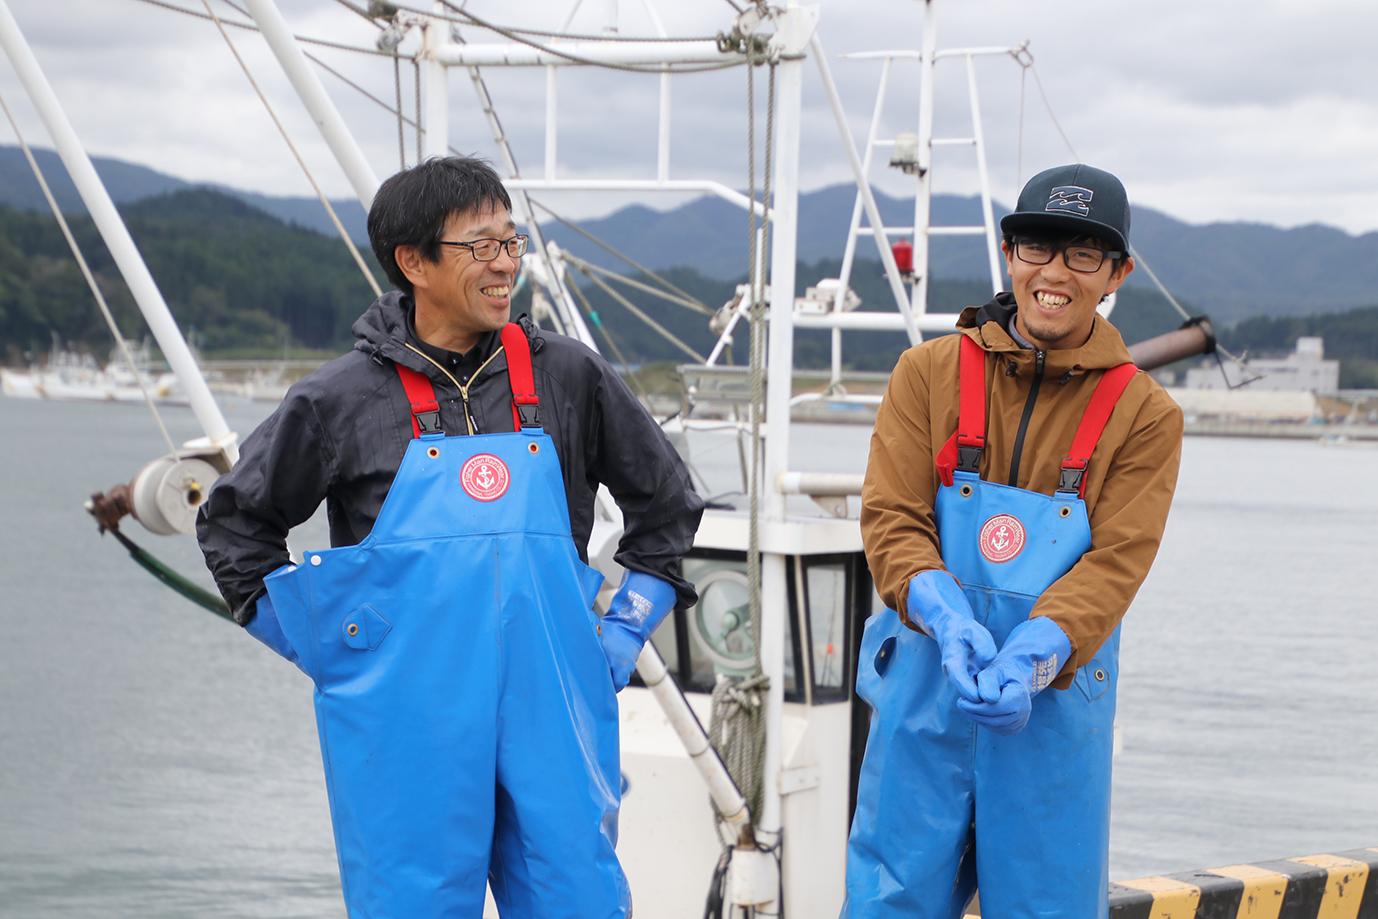 「ないならうちがやる」という基本姿勢 父と子が貫く牡蠣漁師の新時代